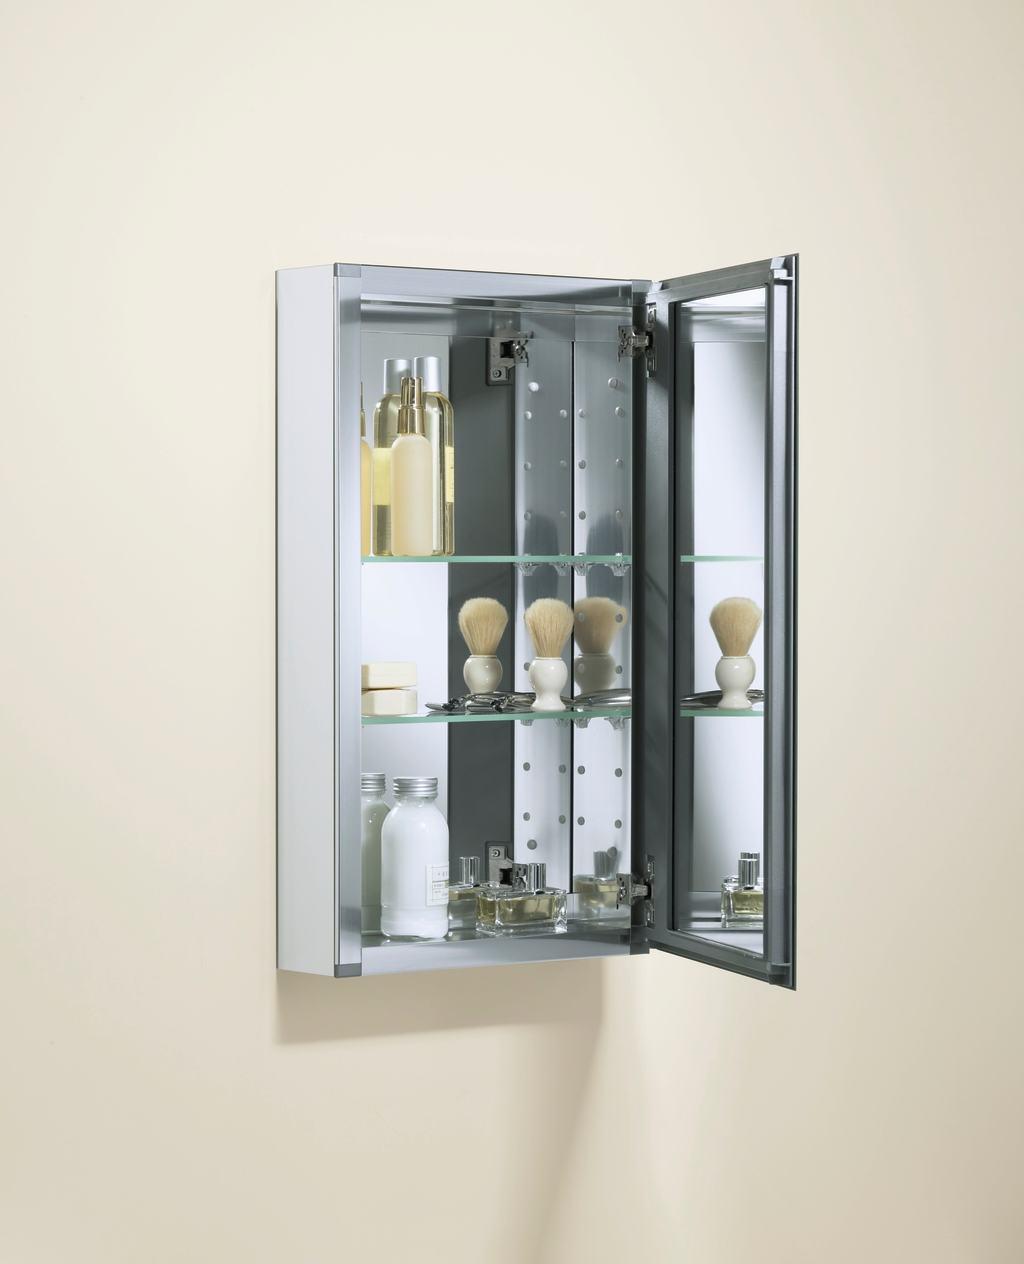 Kohler K Cb Clc1526fs Single Door 15 Inch By 26 Inch By 5